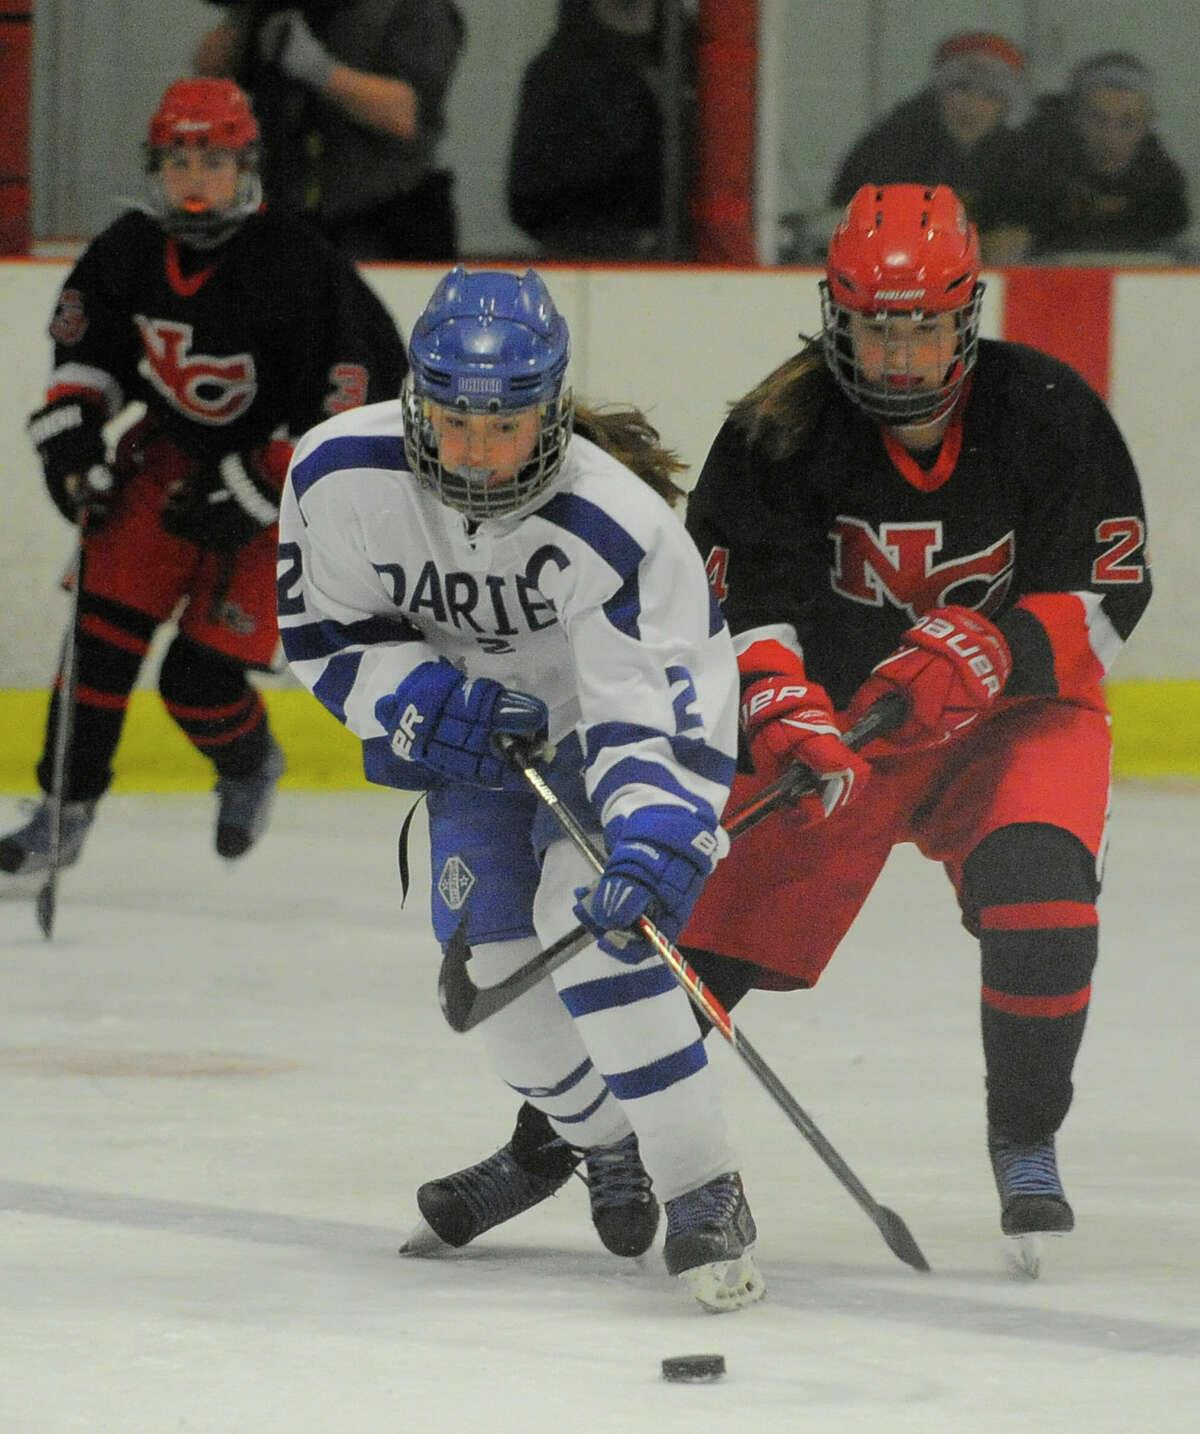 Darien's Georgia Cassidy breaks away from New Canaan's Elizabeth McCarthy during a girls varsity ice hockey game at the Darien Ice Rink in Darien, Conn. on Jan. 16, 2016. Darien won 3-2.